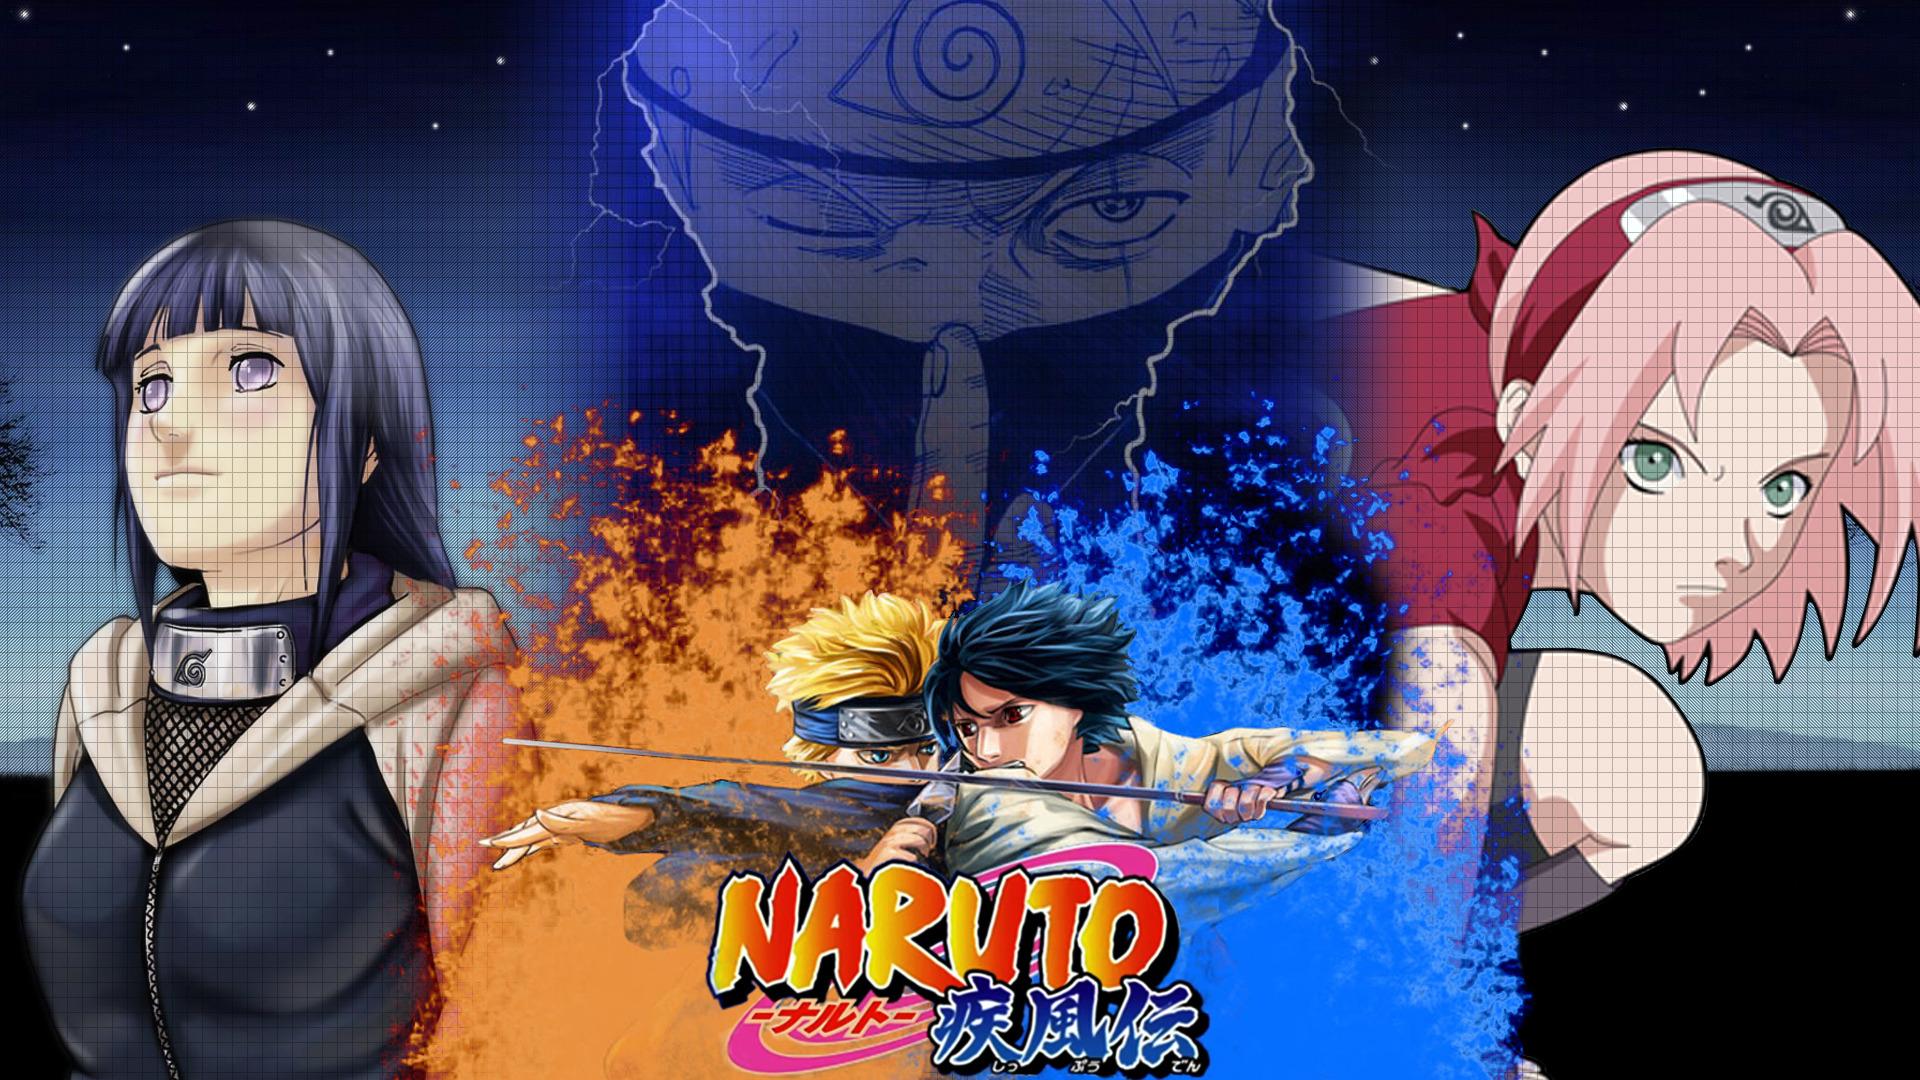 Naruto vs Sasuke - Naruto Shippuden wallpaper #4631